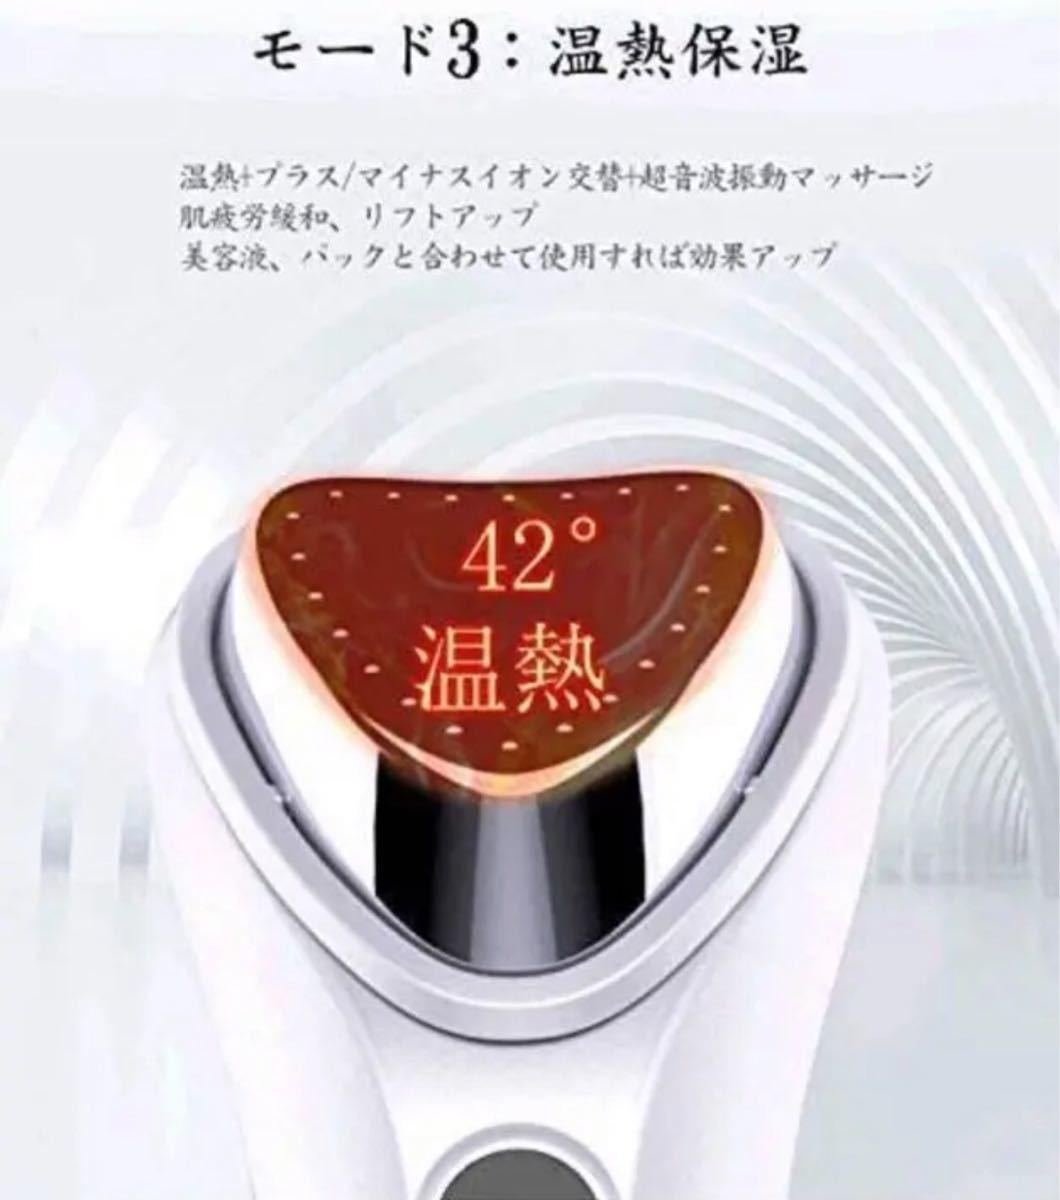 美顔器 温熱美顔器 Hot イオン導出導入 ホット 目元 超音波振動 毛穴対策